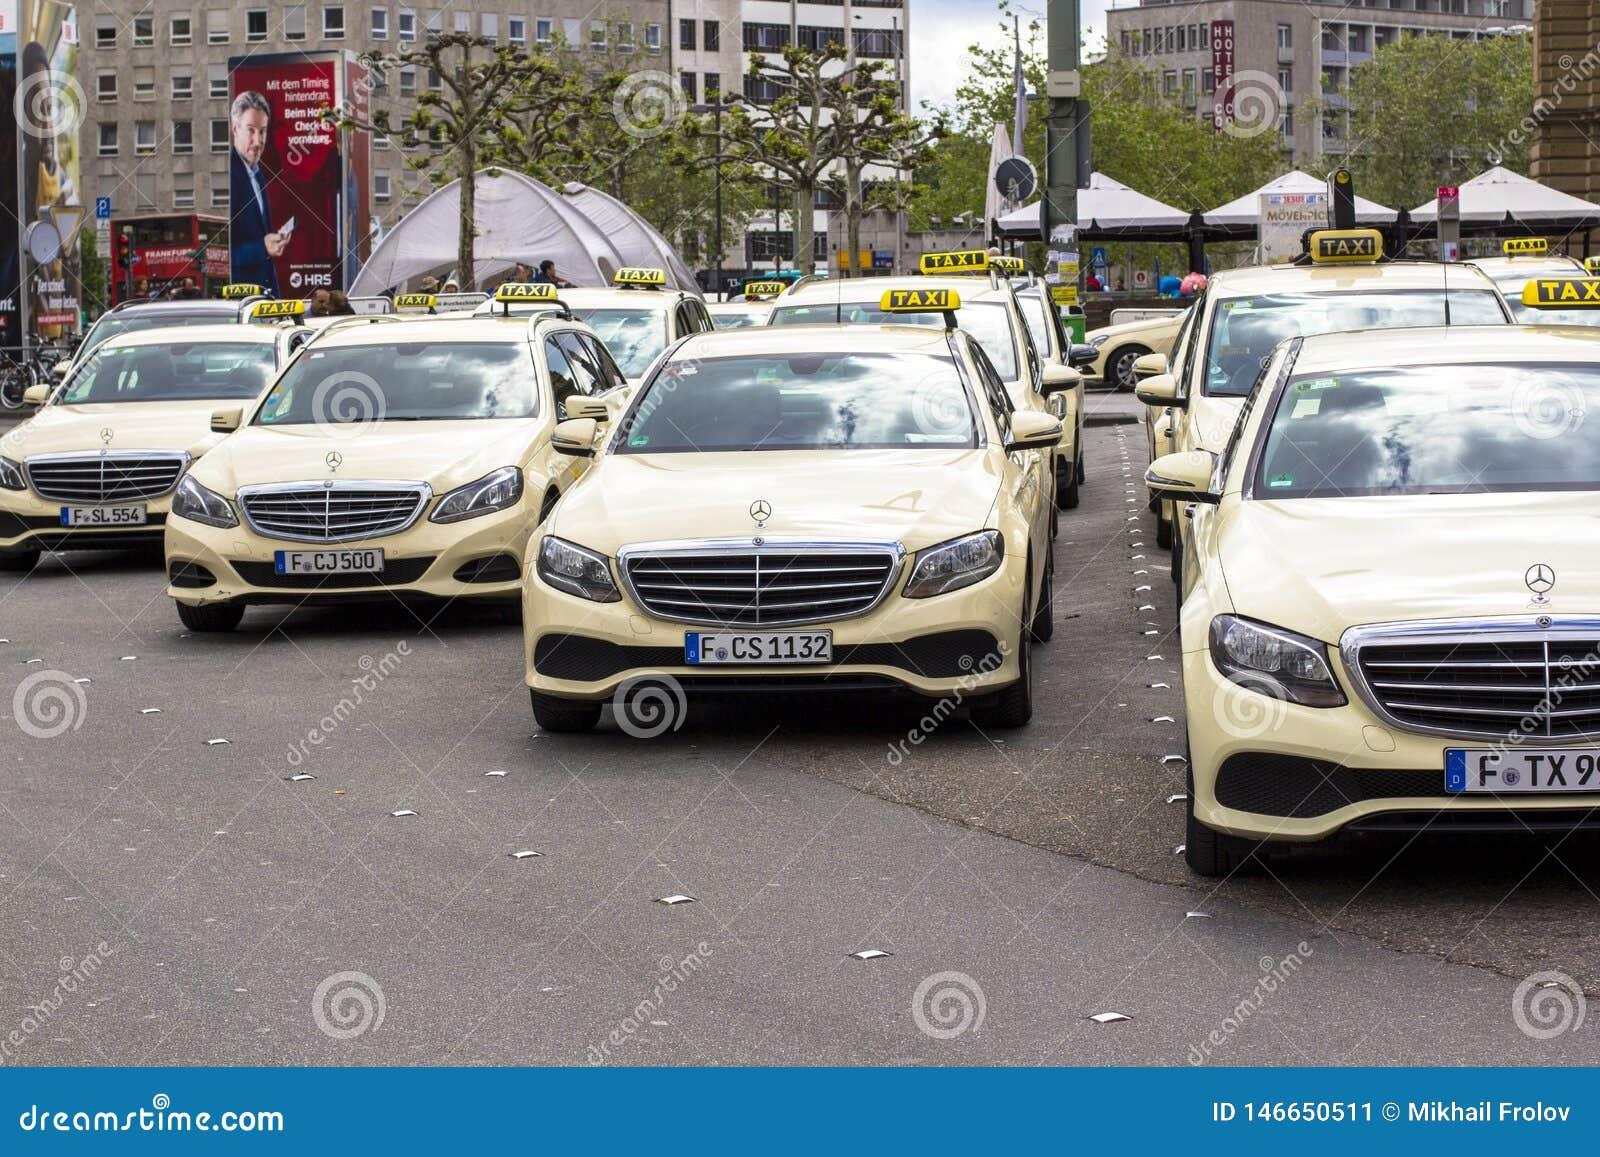 Francfort sur Main, Allemagne Hauptbahnhof, le 28 avril 2019, stationnement de taxi en Allemagne Les taxis de Francfort sont prin